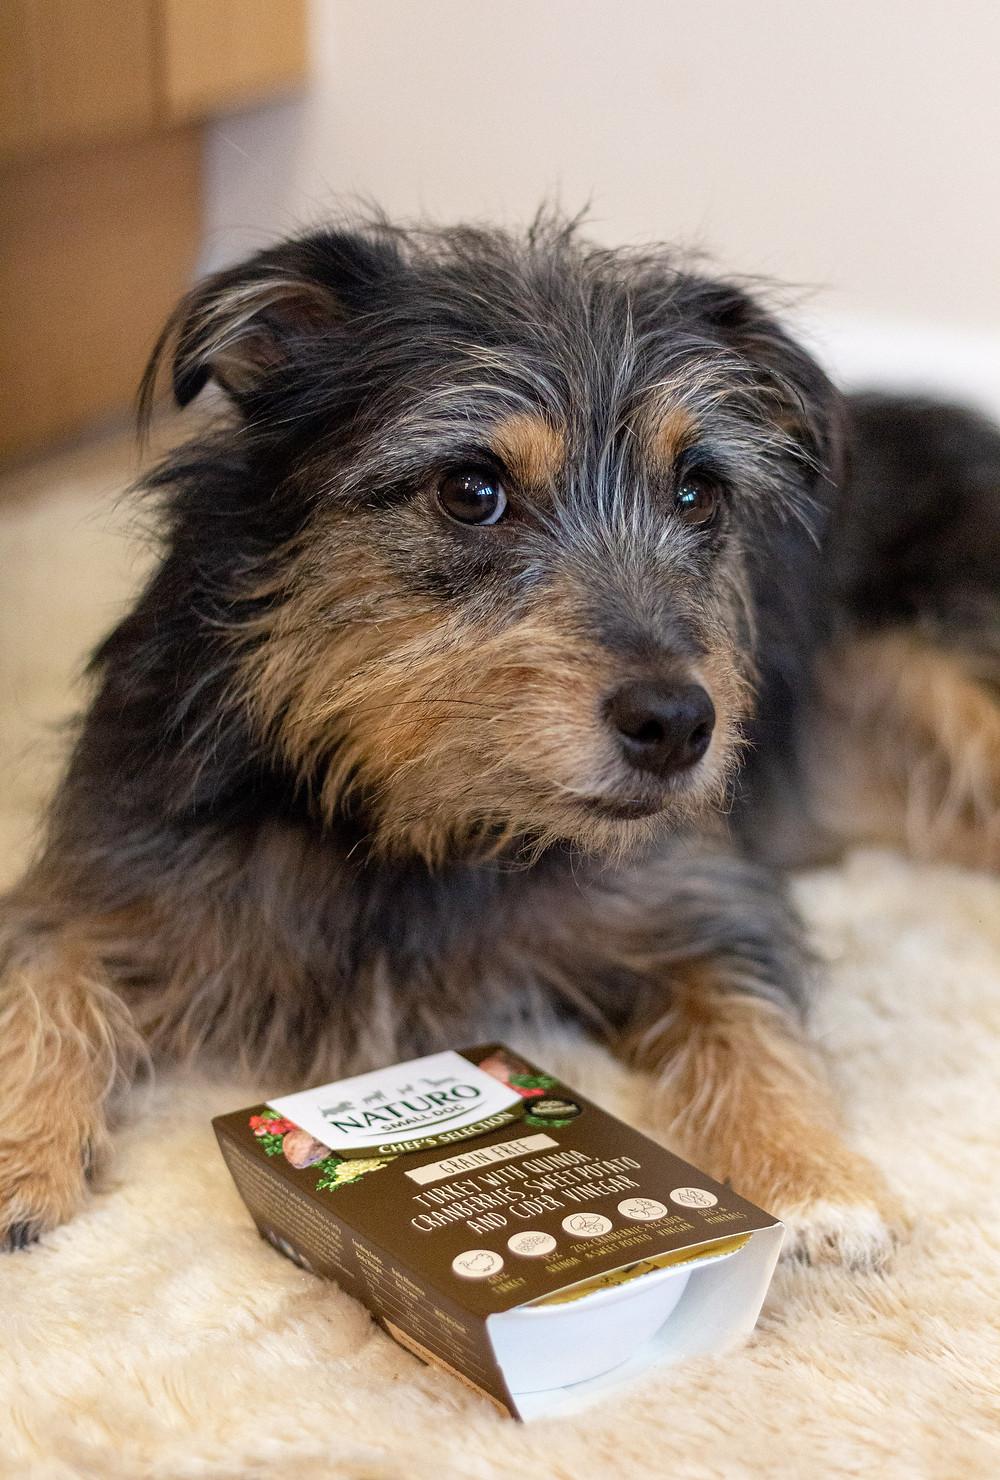 Paisley Dog Blog Turkey Naturo